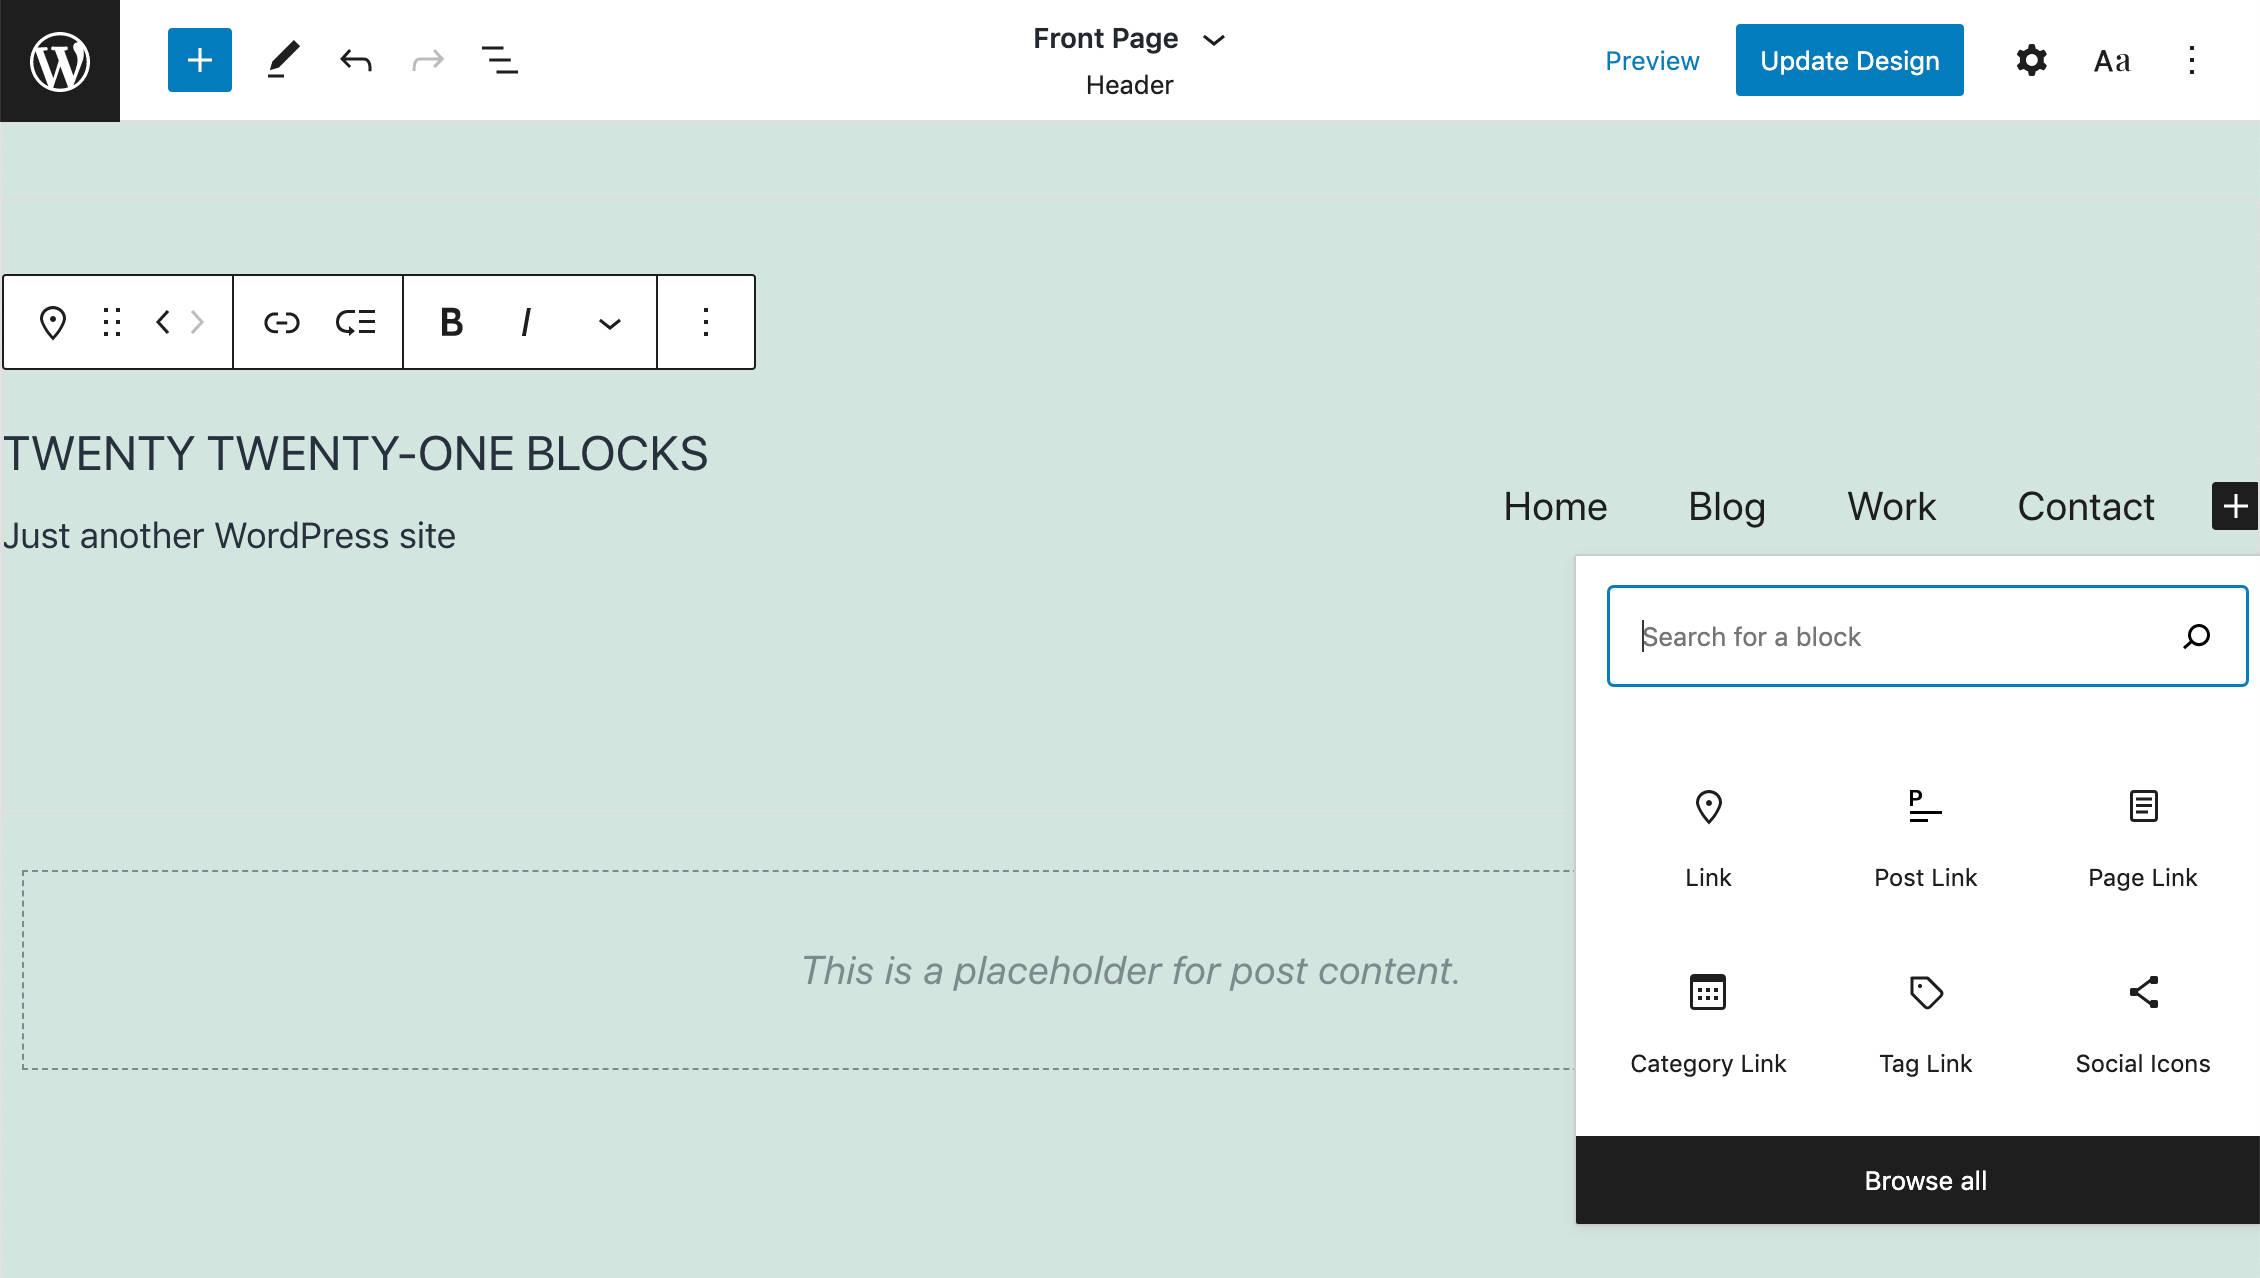 Édition complète de site dans Twenty Twenty-One Blocks